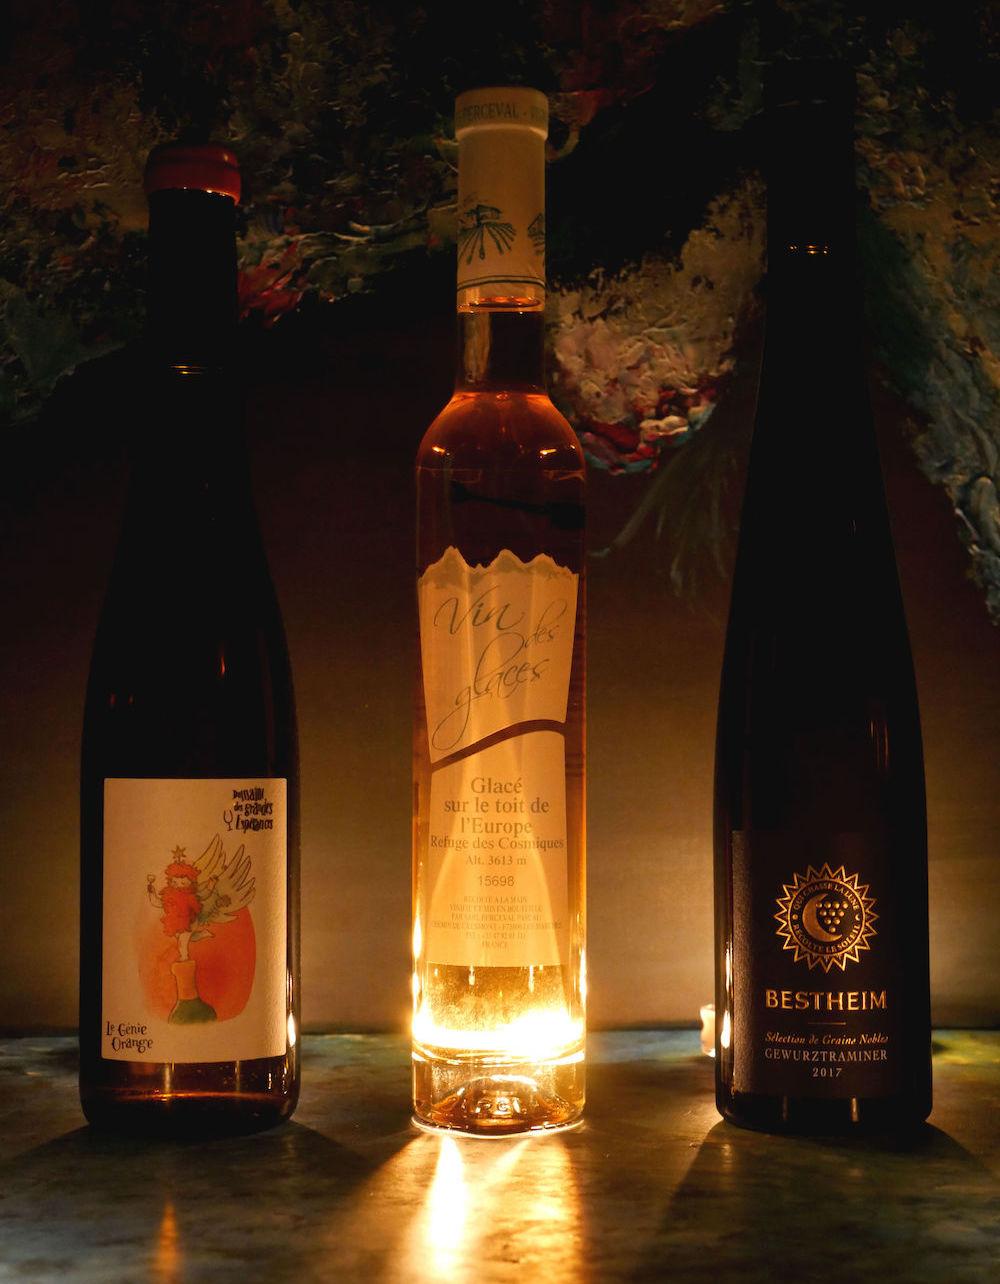 Domaine-des-grandes-esperances-vignobles-perceval-bestheim- dossier les vins de l'instant LMDL Haute Exigences ©LuxuryTouch